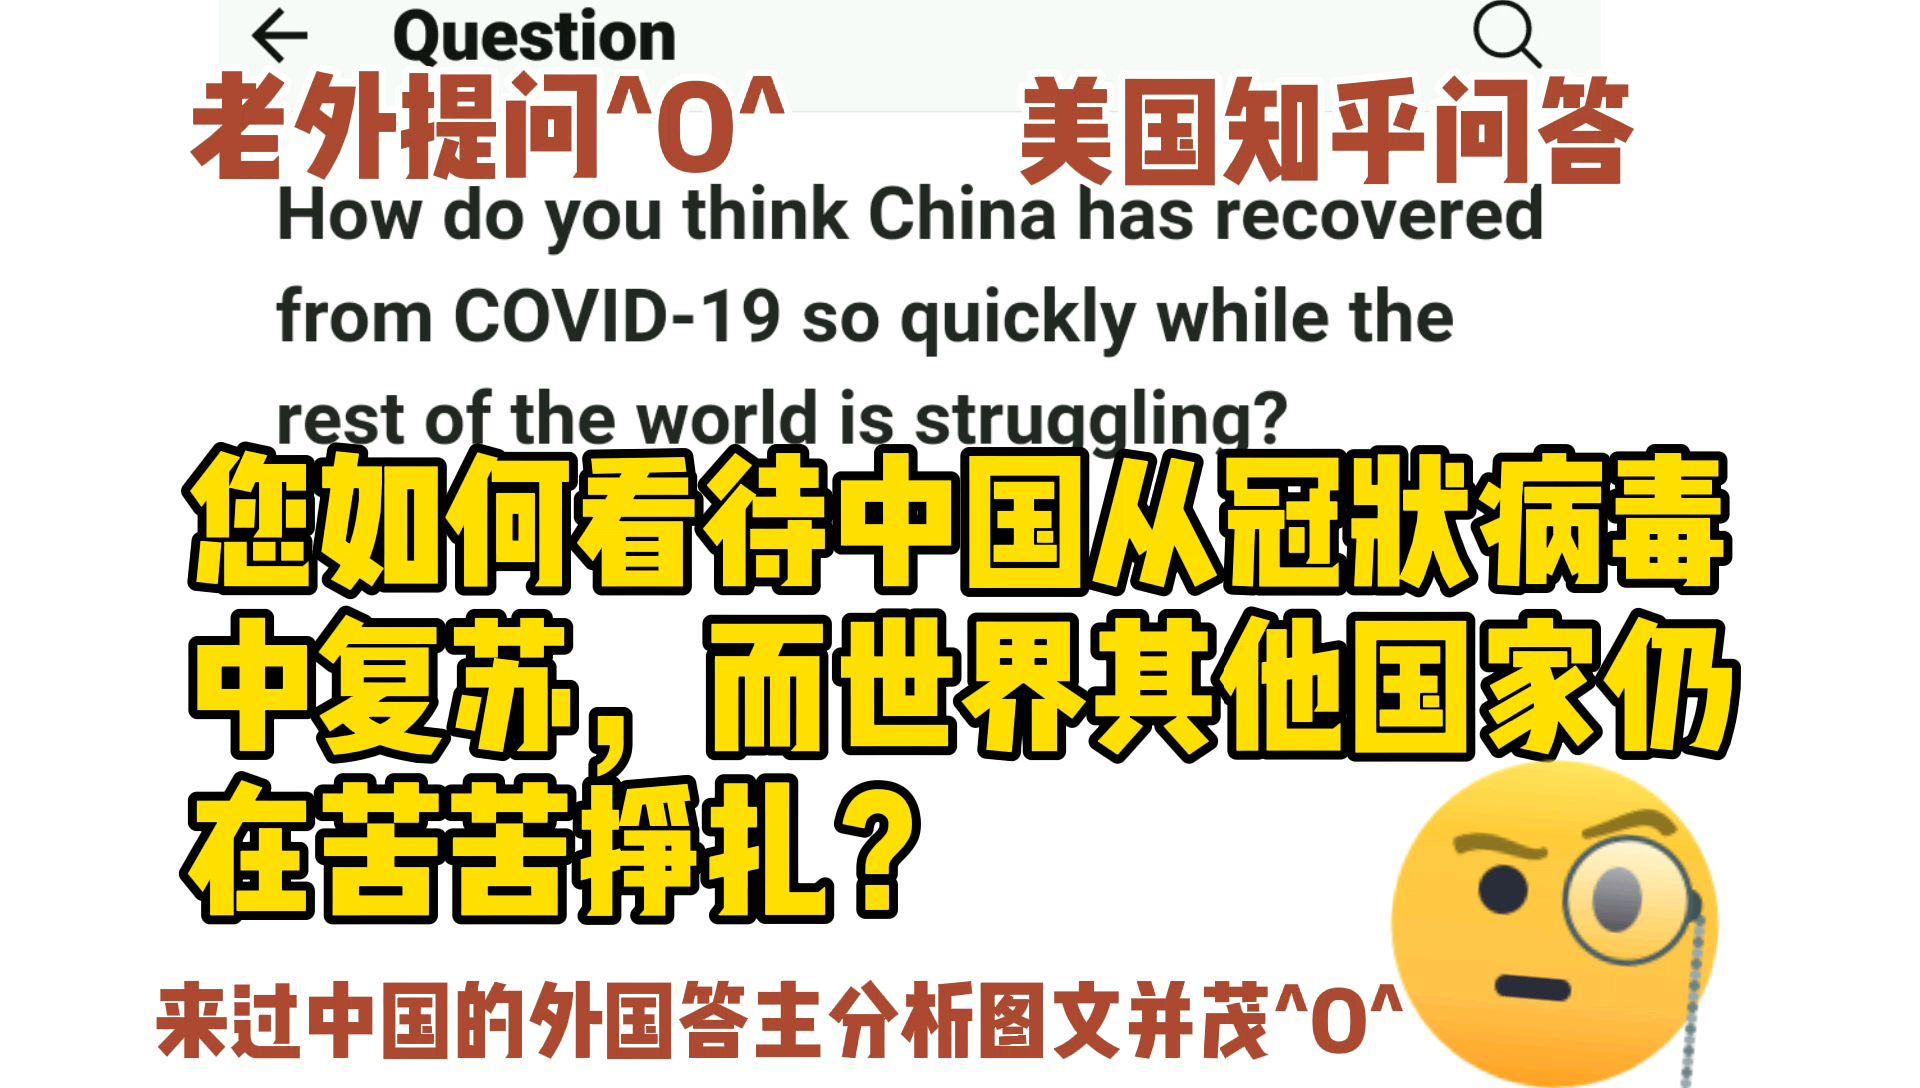 美国知乎,您如何看待中国如何从冠状病毒中复苏,而世界其他国家仍在苦苦挣扎?来过中国的答主图文并茂分析